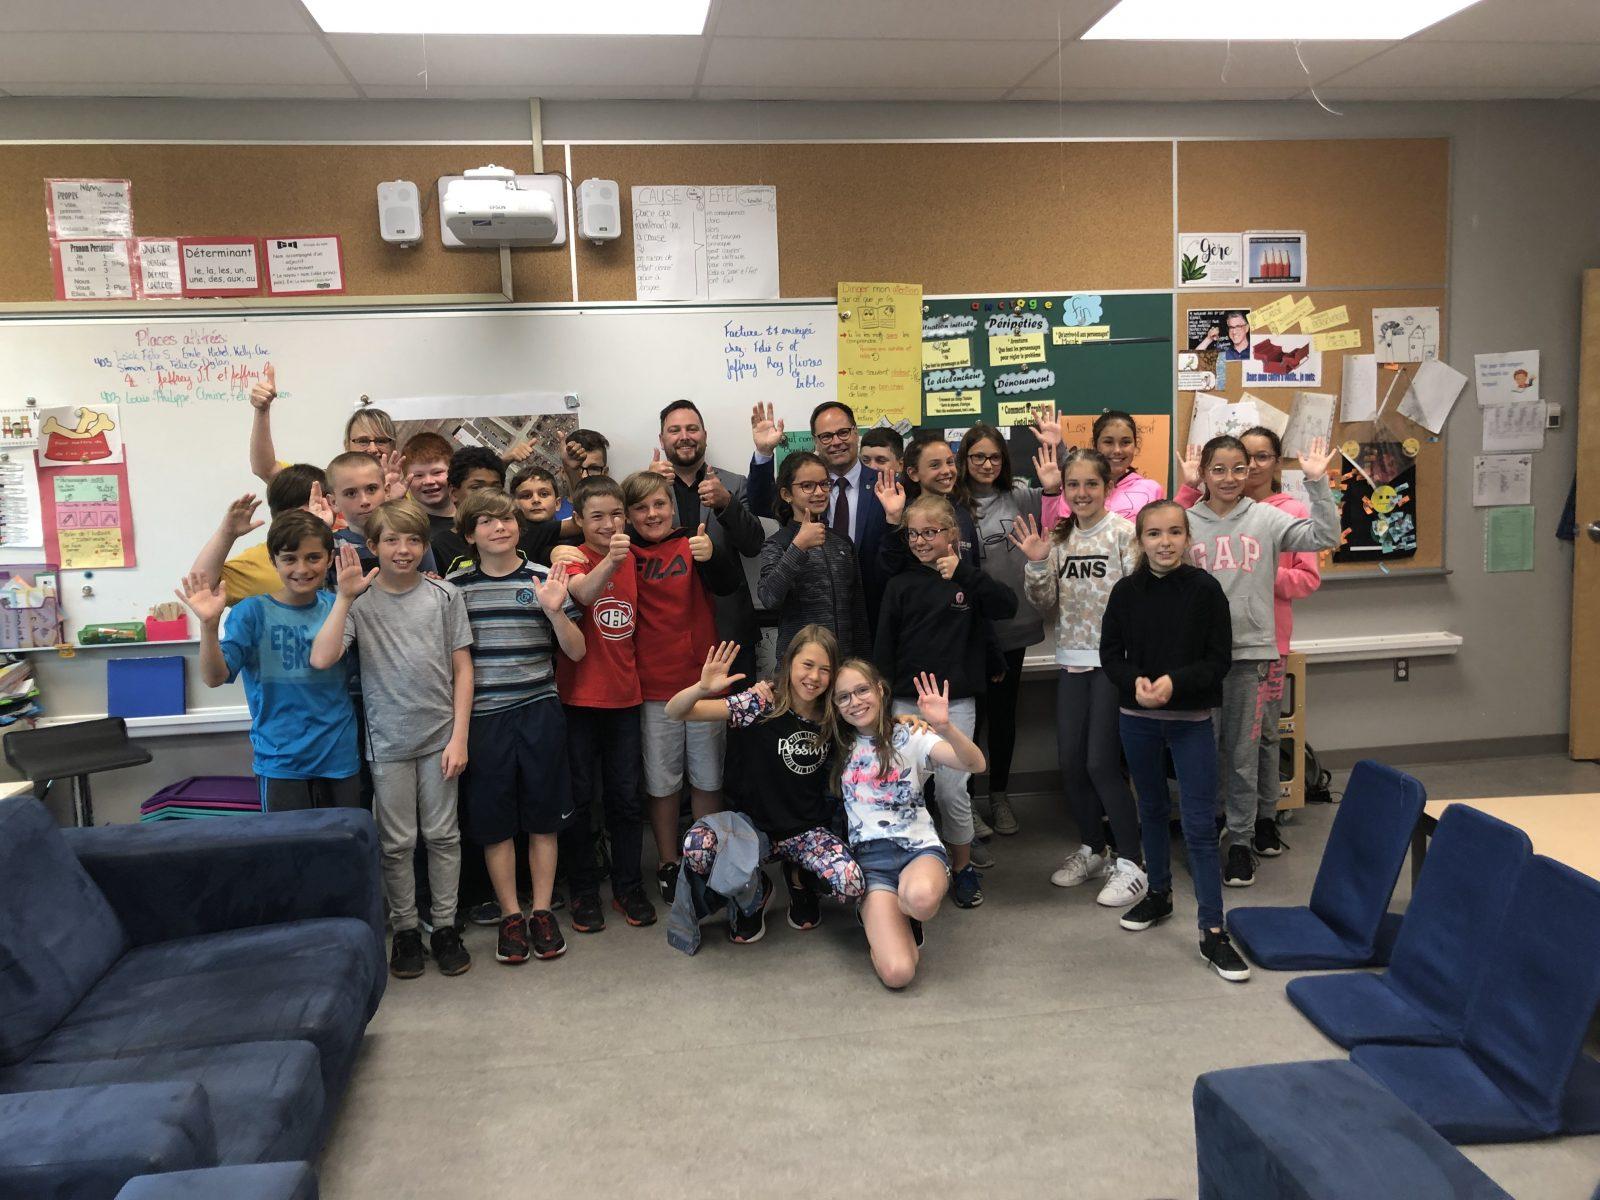 Les élèves de l'école aux Quatre-Vents ont convaincu le maire